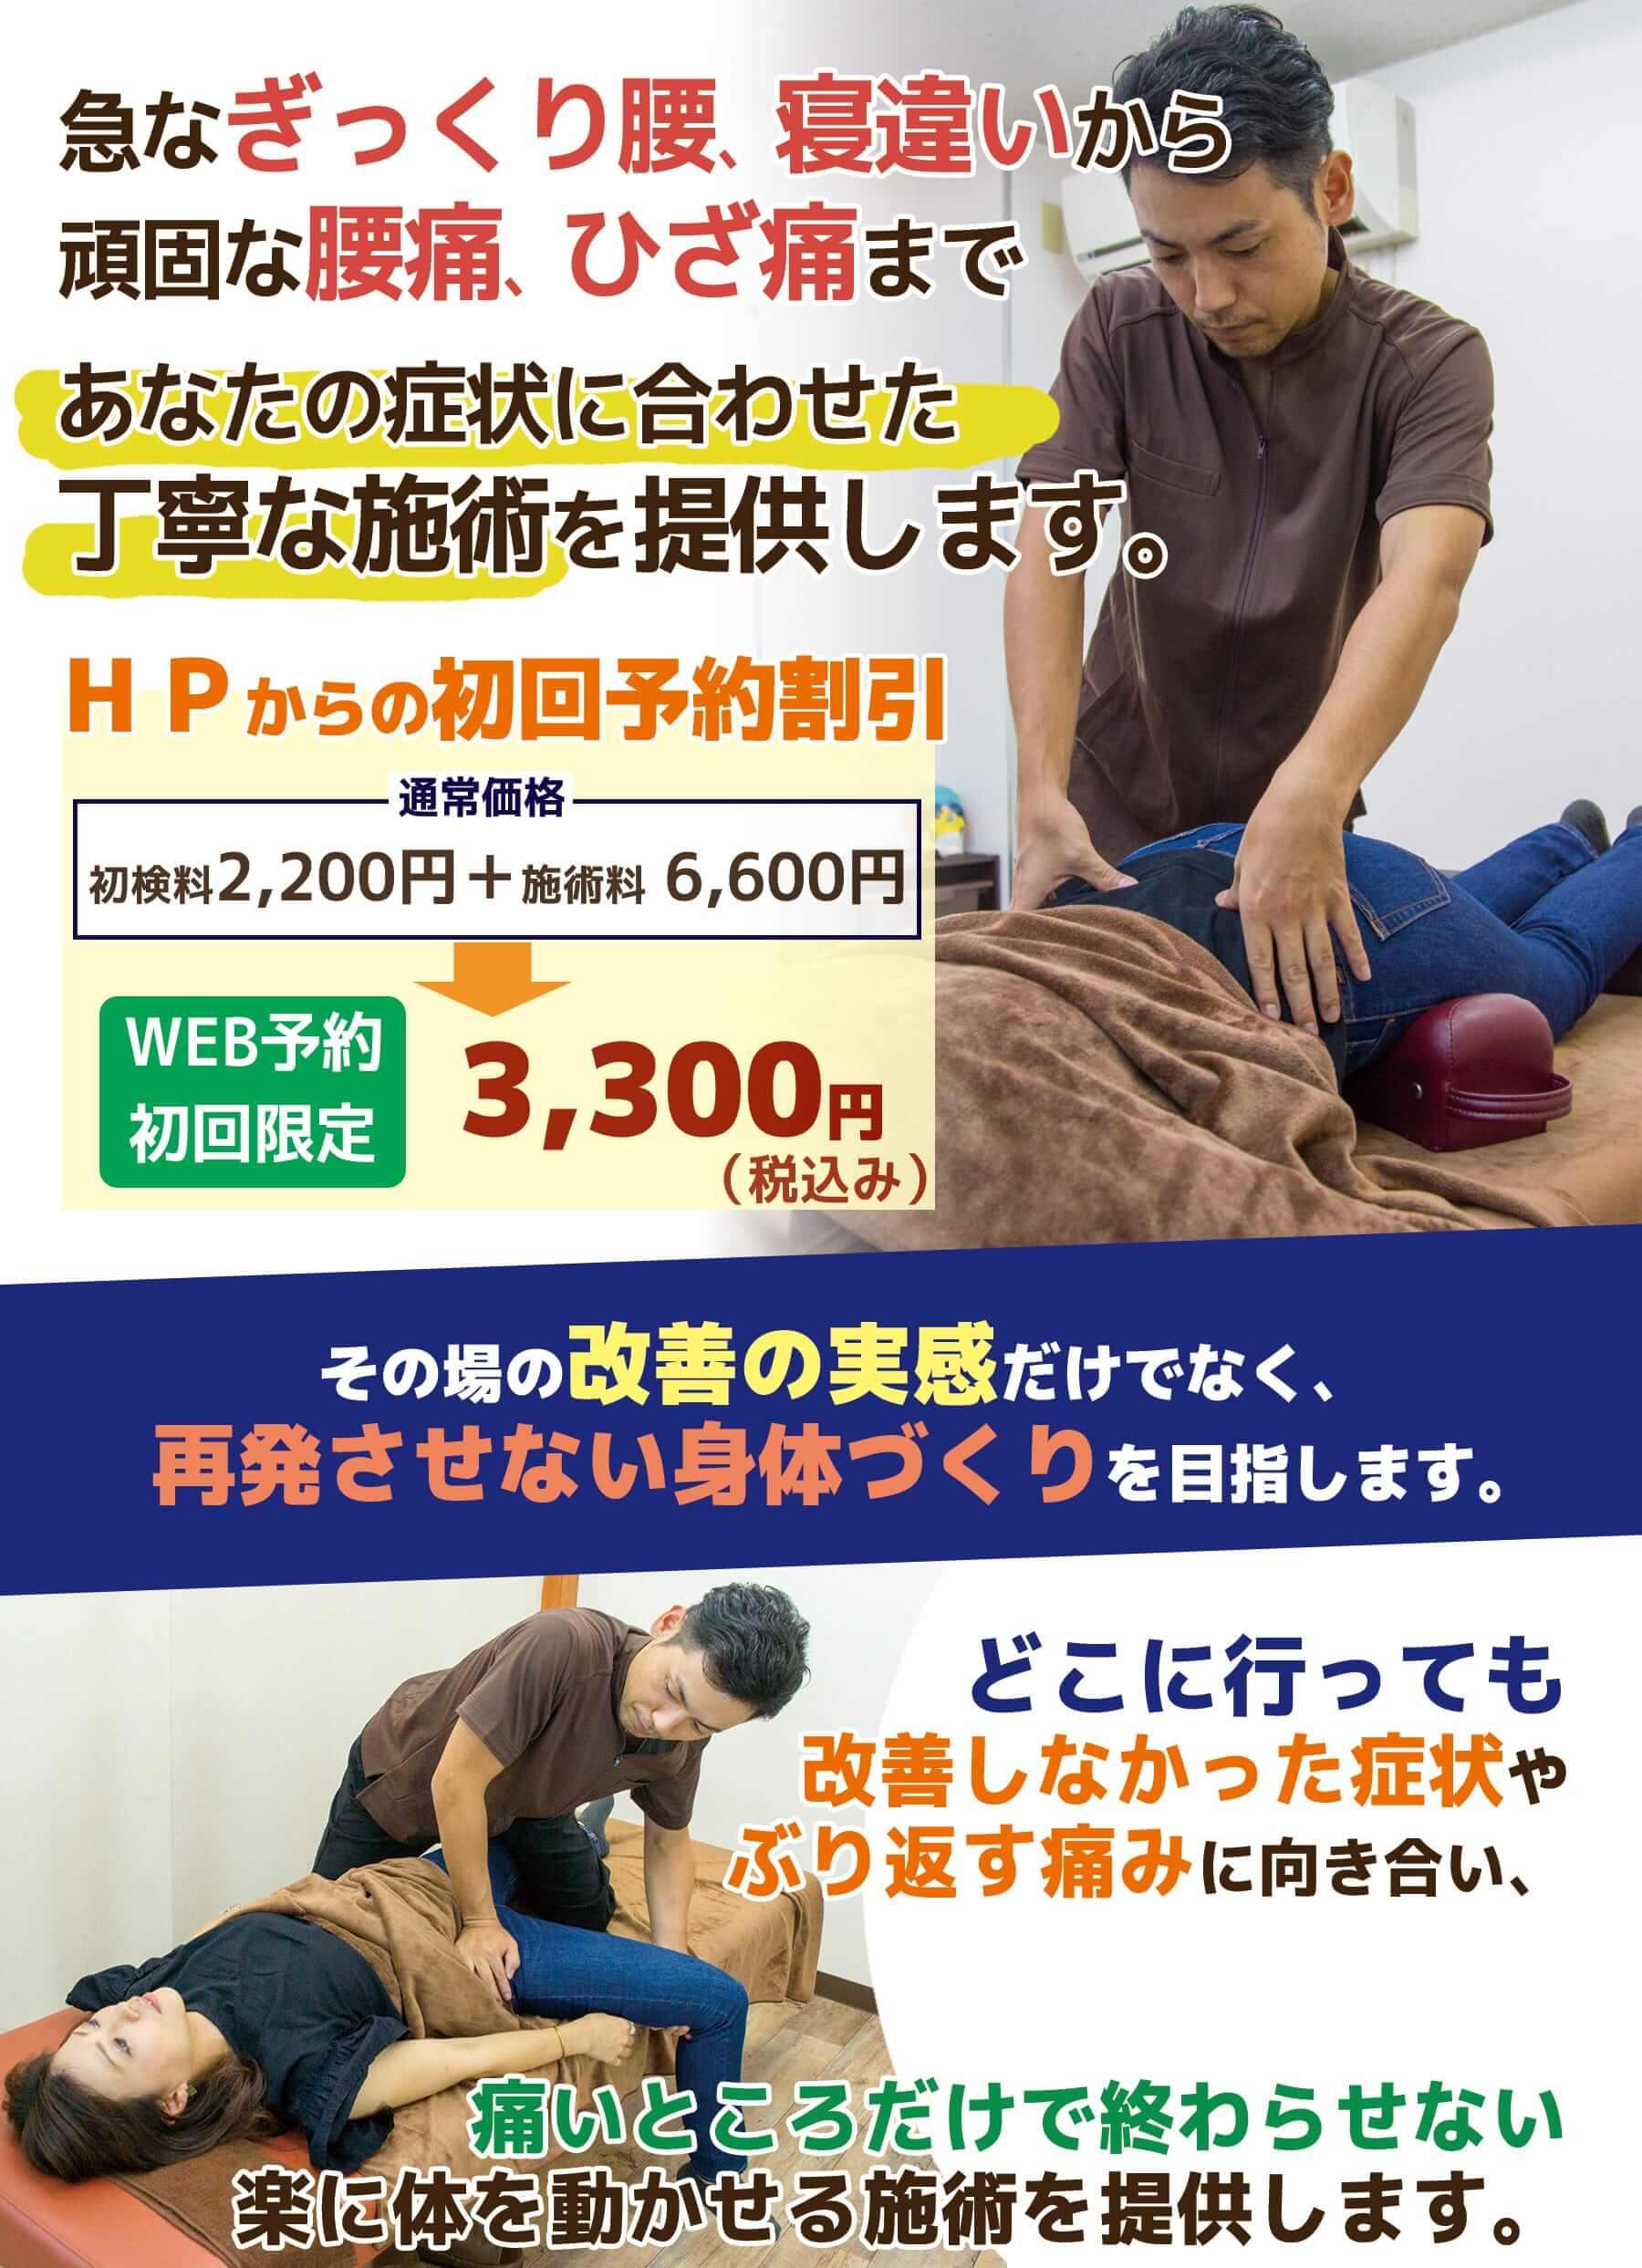 急なぎっくり腰、寝違いから頑固な腰痛ひざ痛まで、あなたの症状に合わせた丁寧な施術を提供します。